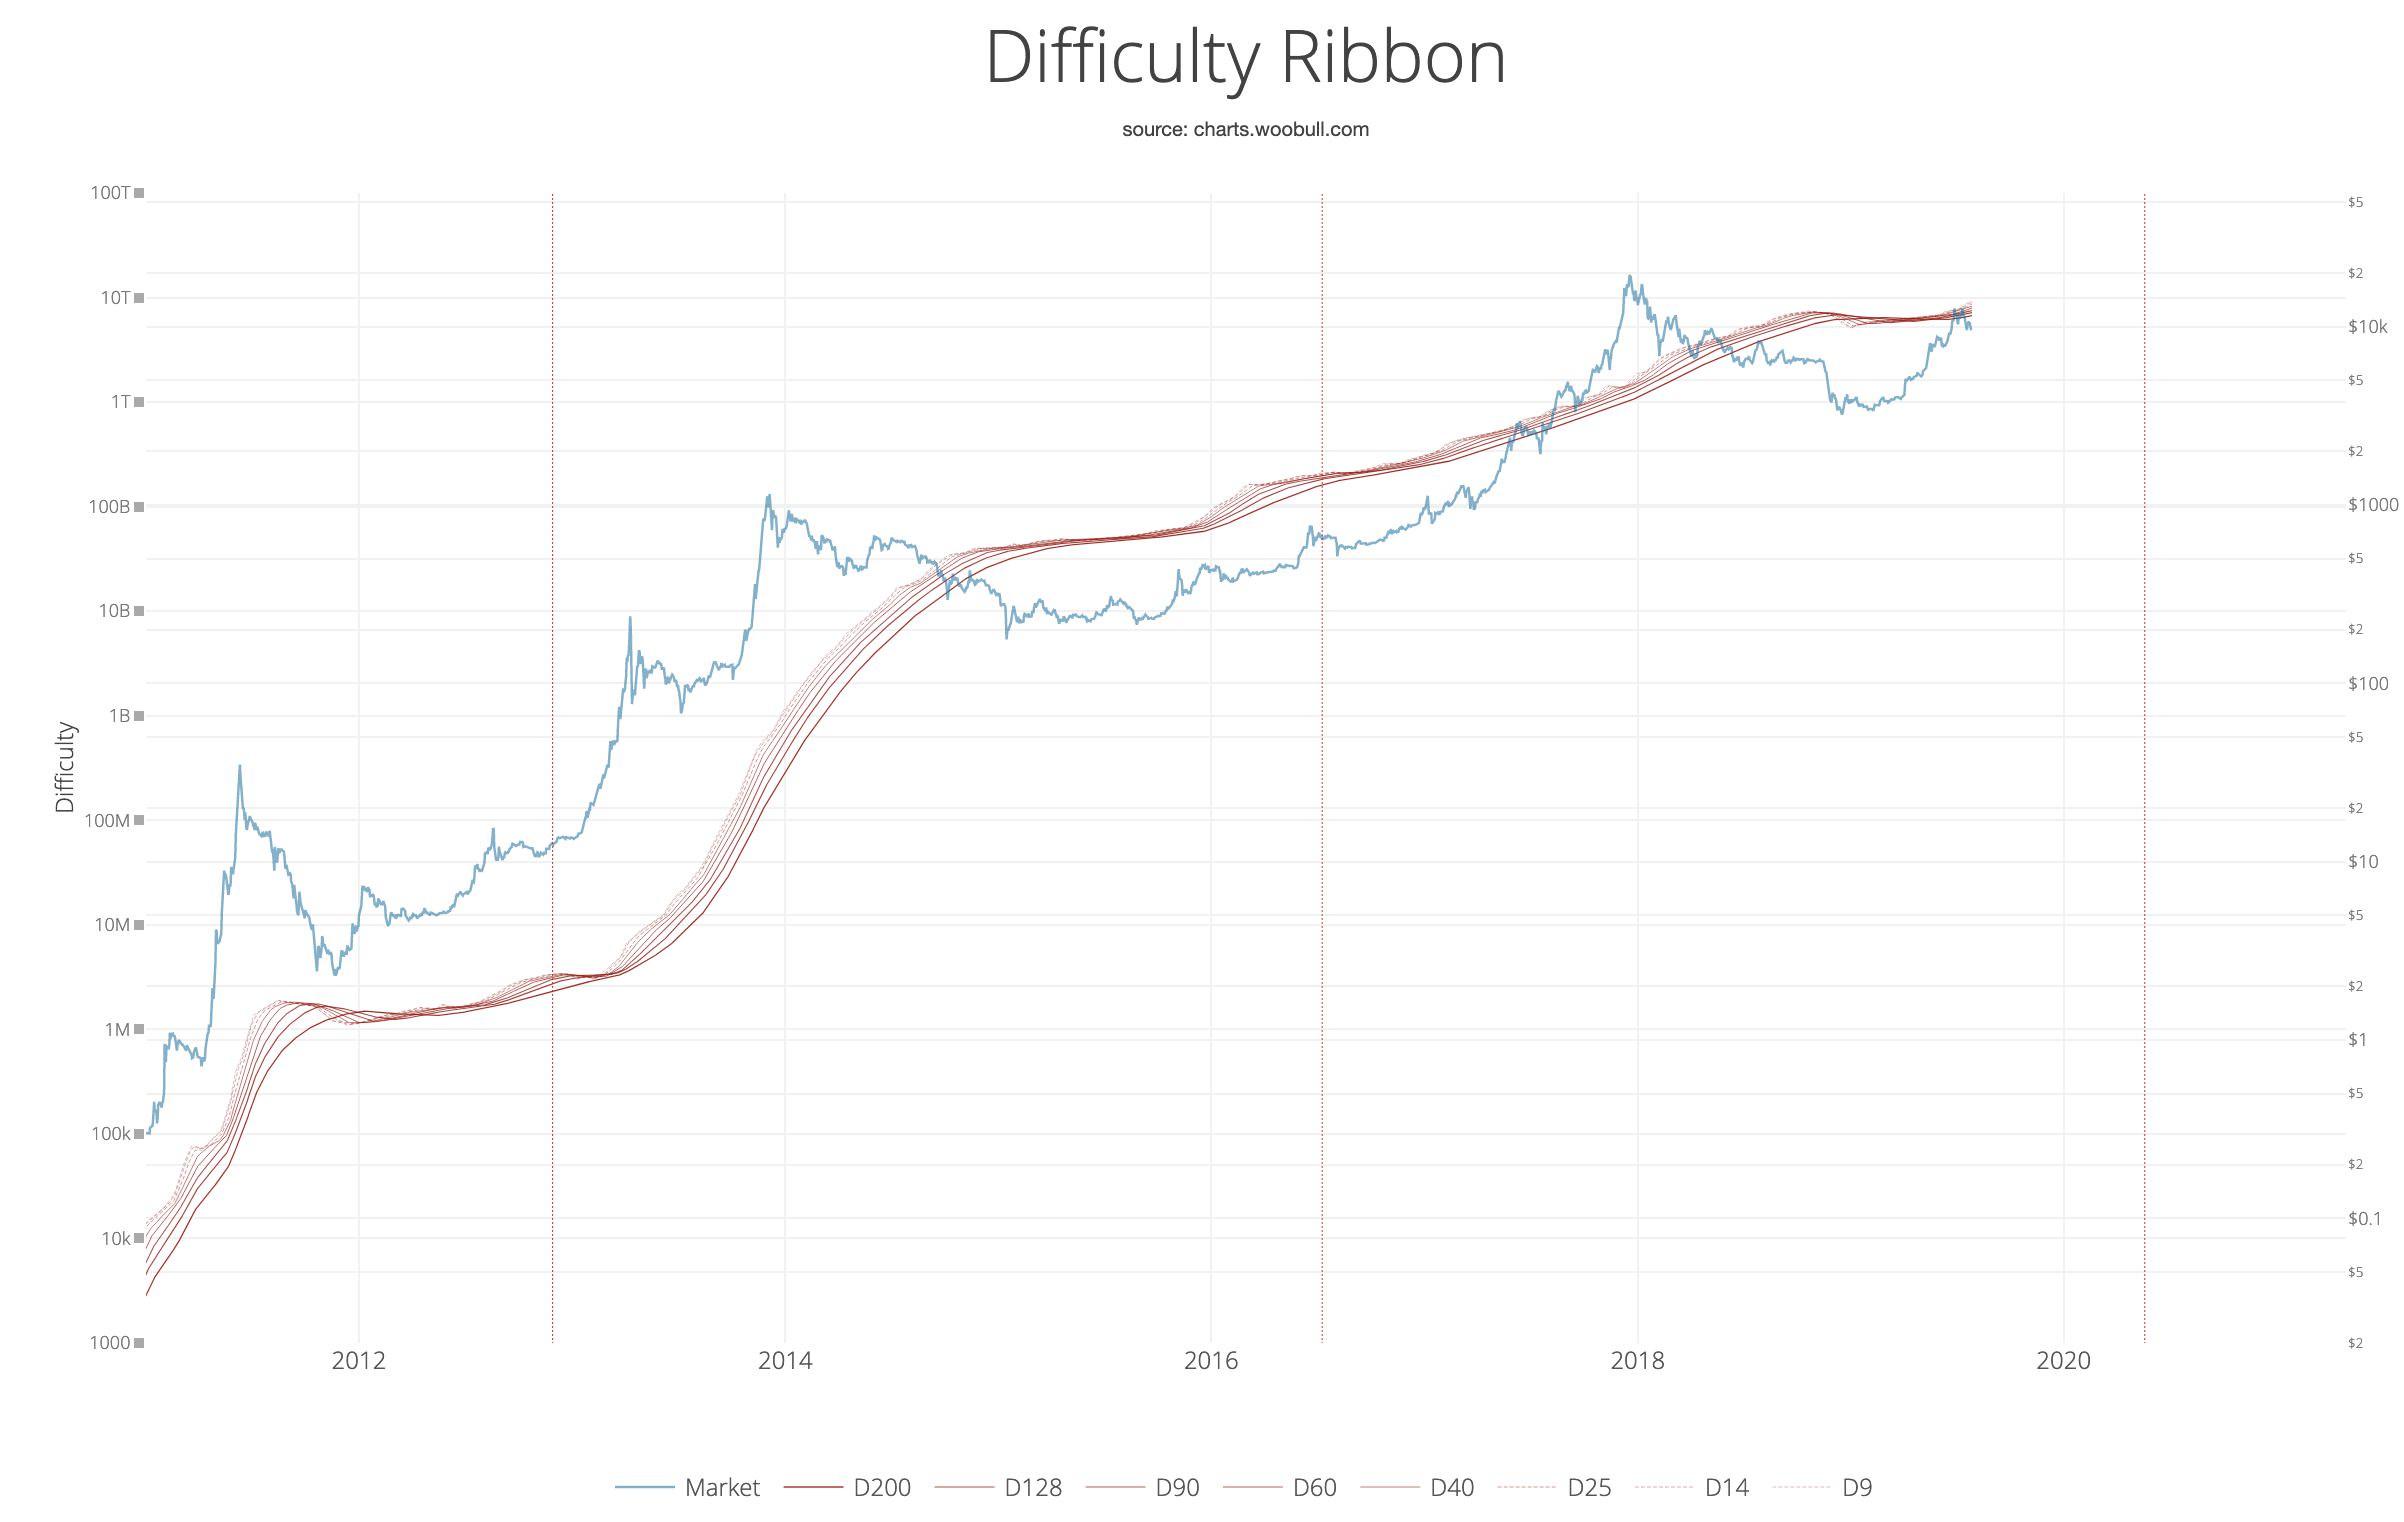 Как определить лучшее время для покупки биткоина с помощью «Ленты сложности»